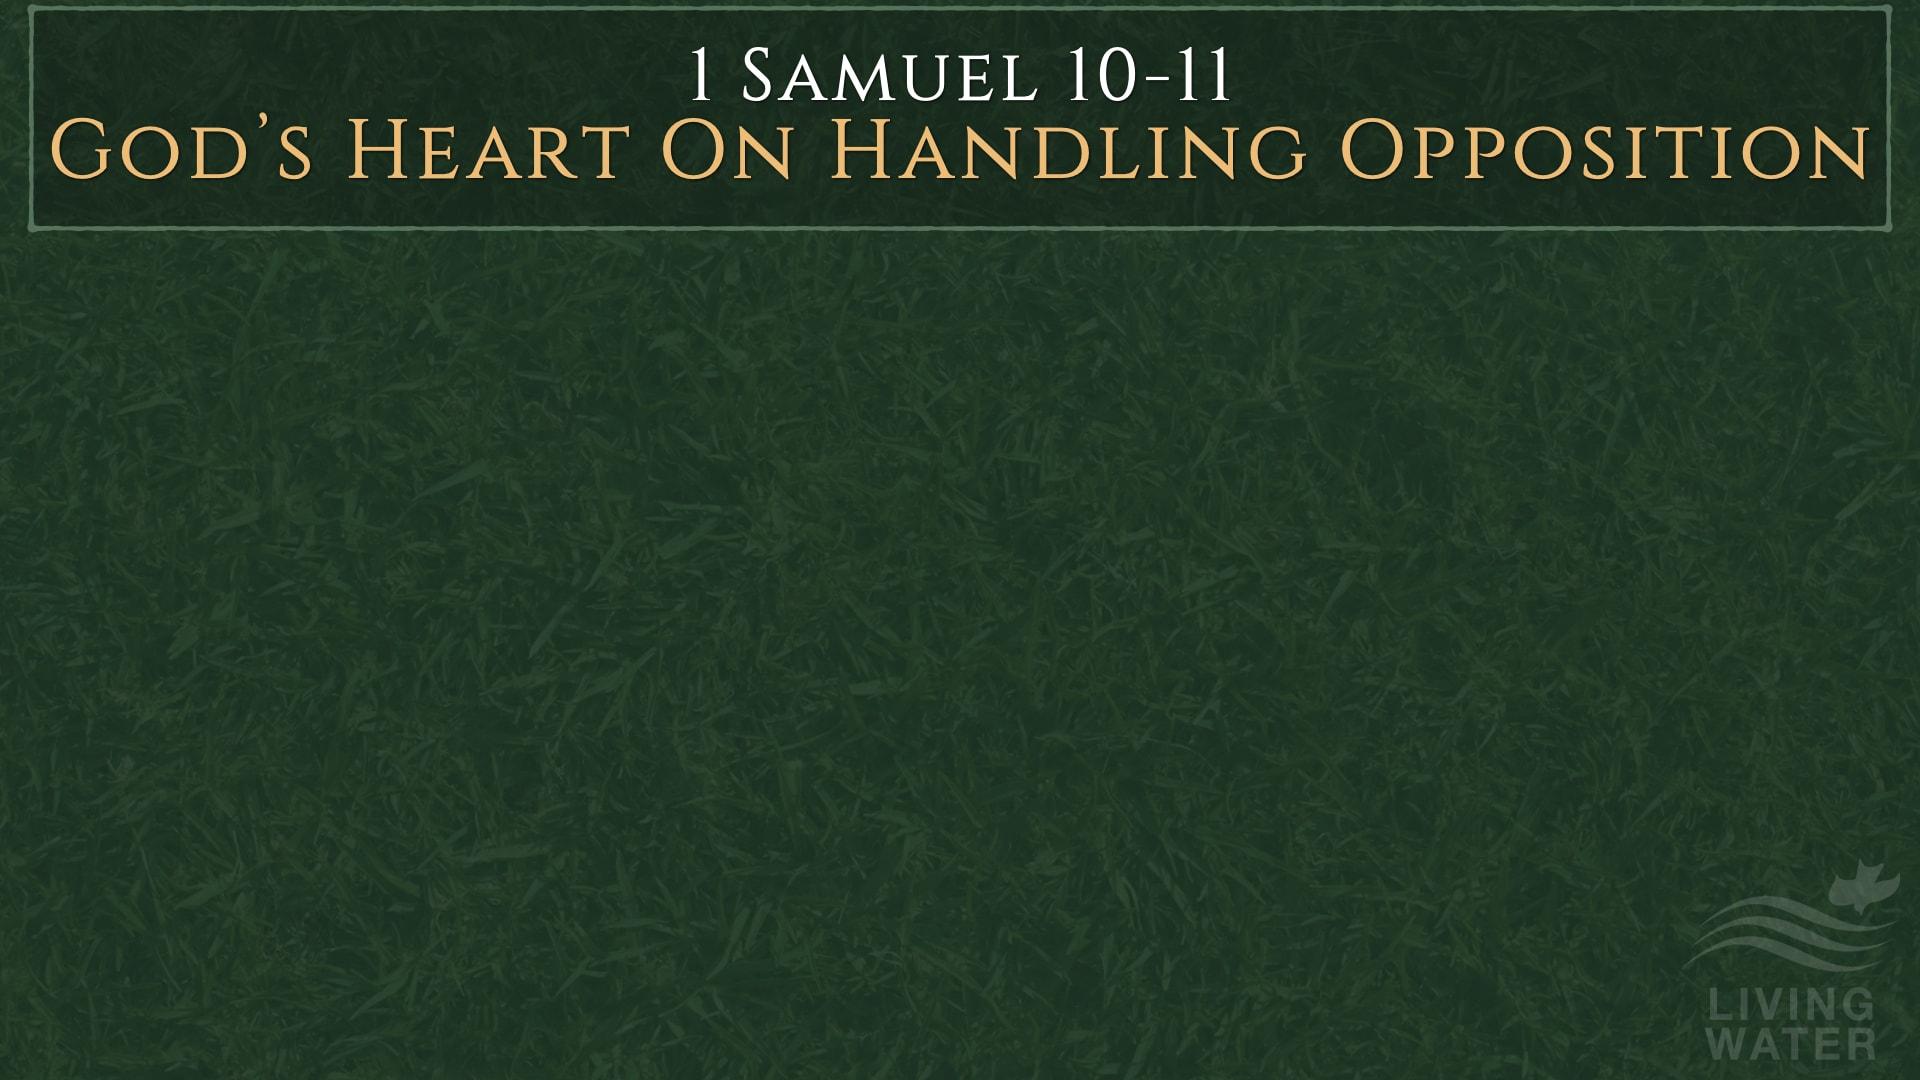 1 Samuel 10-11, God's Heart On Handling Opposition